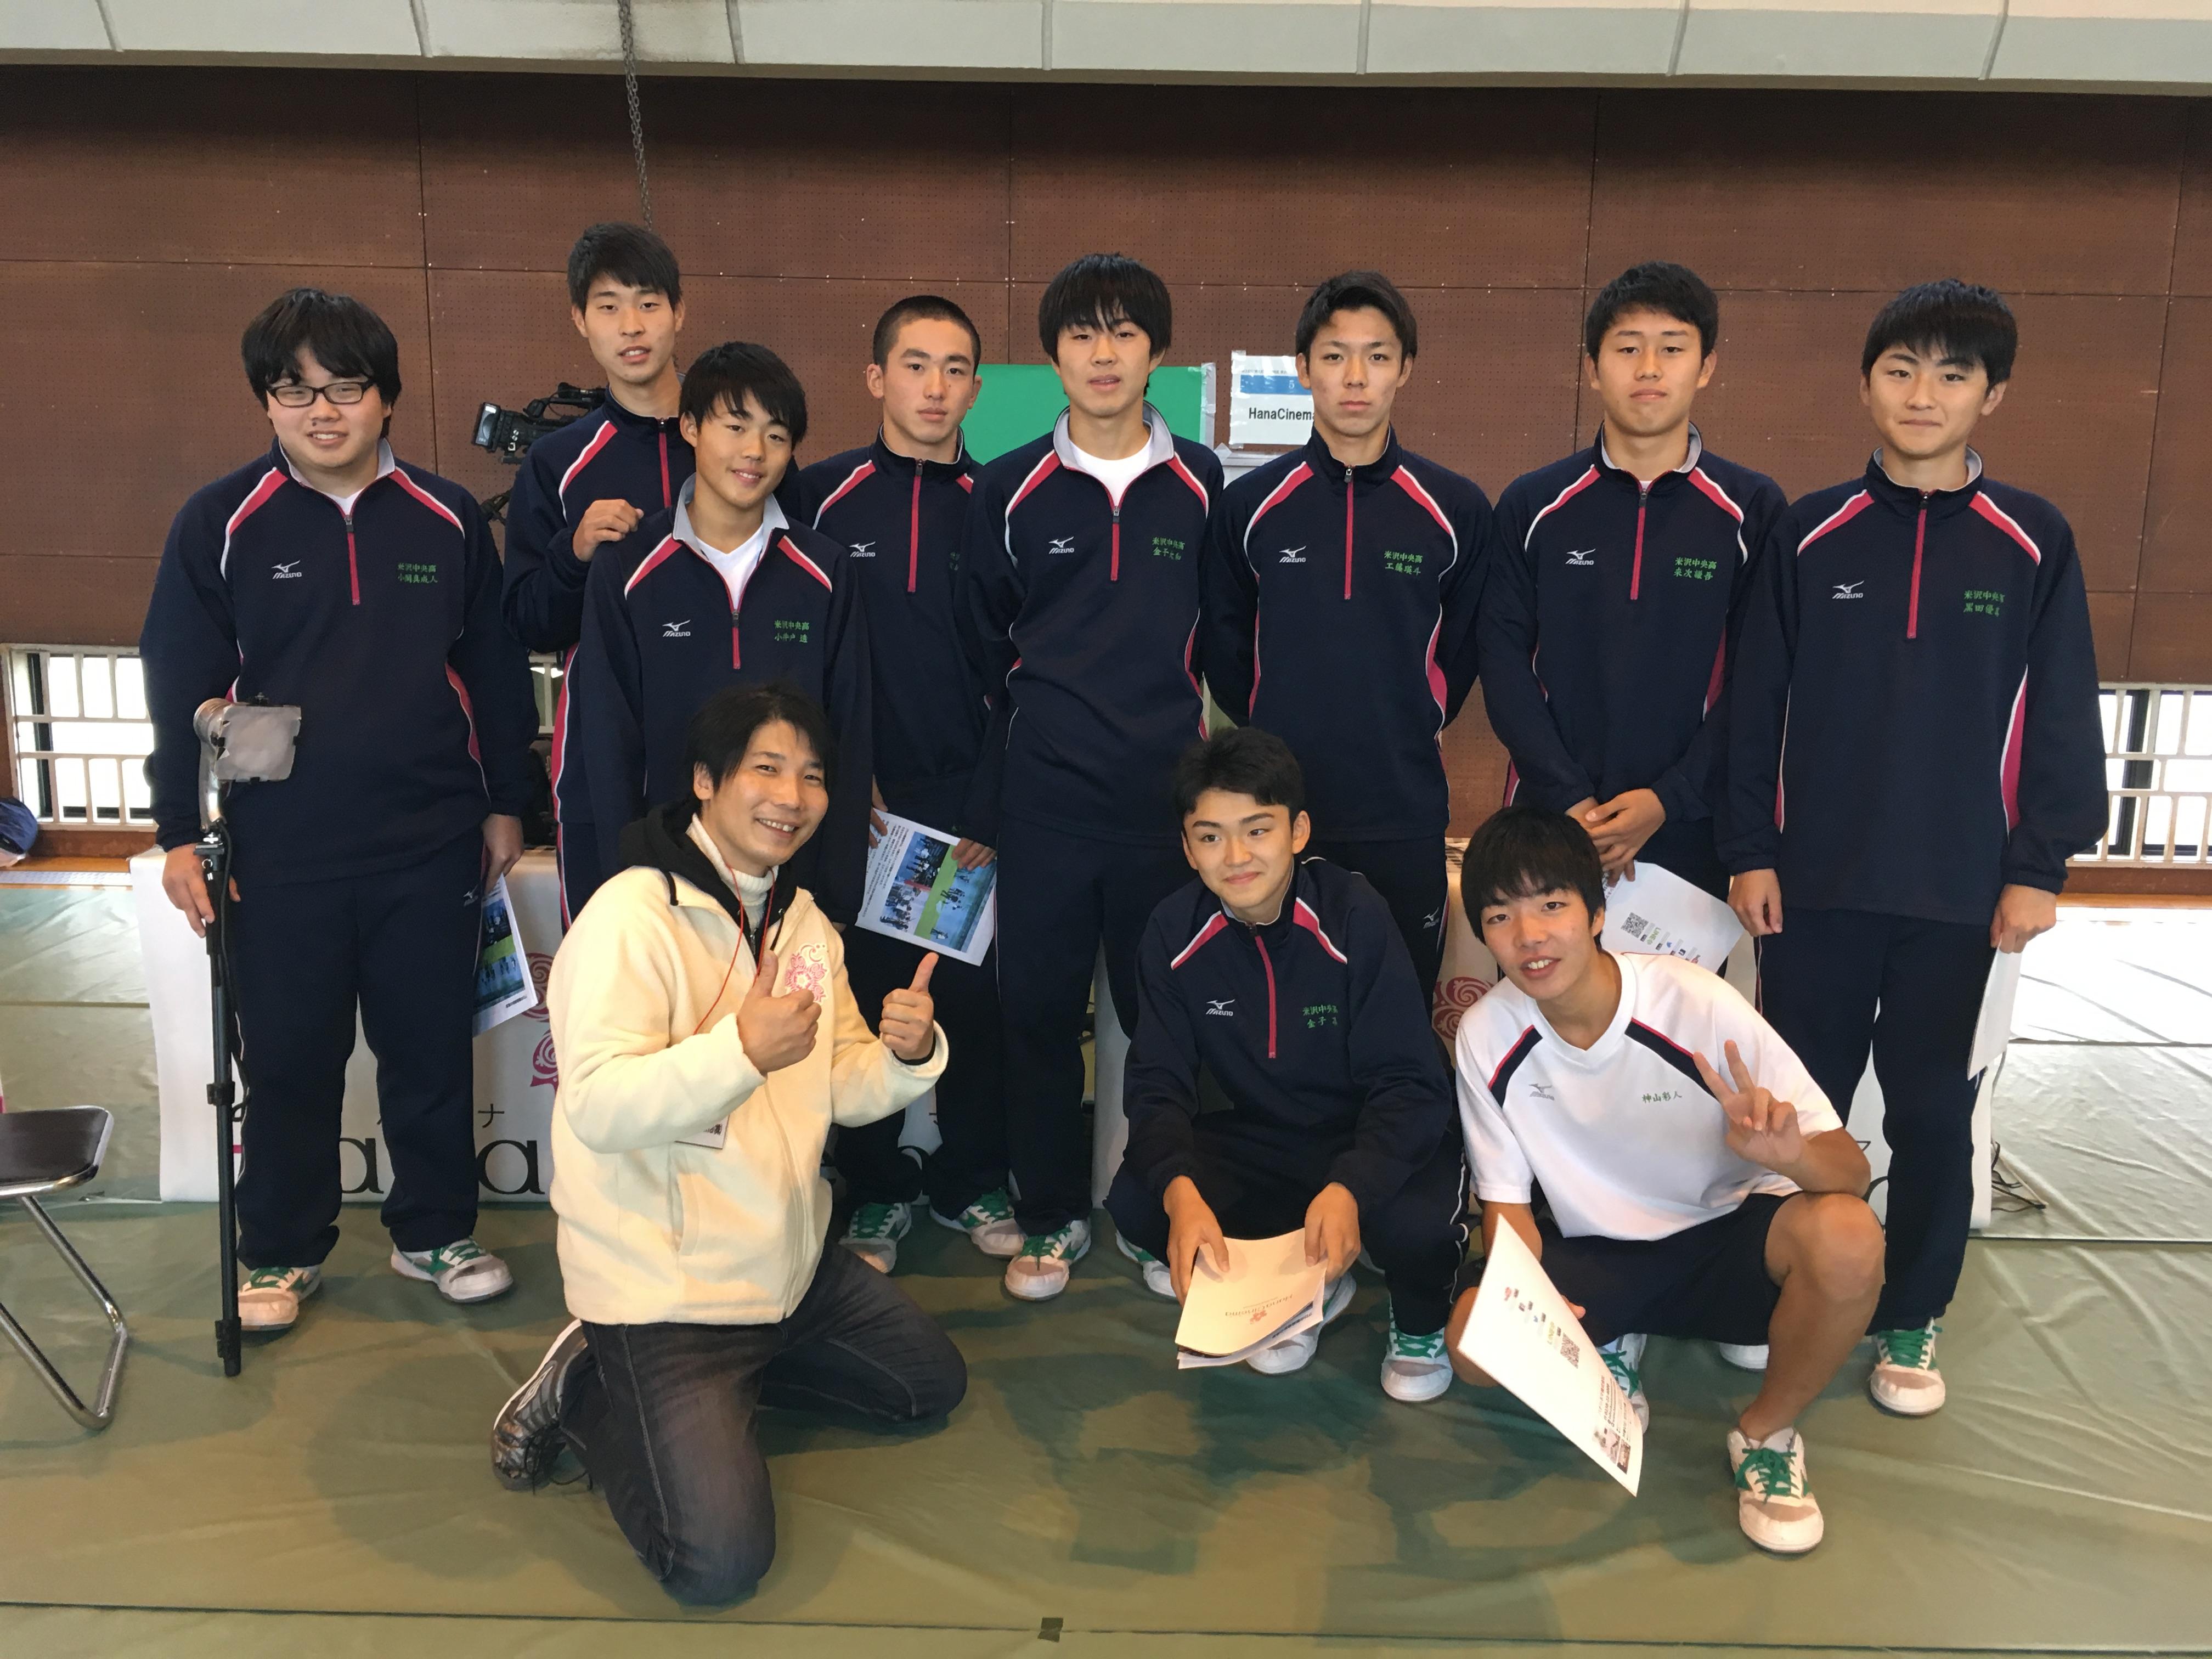 体験いただいた米沢中央高校の皆さん in WakuWakuワーク2017